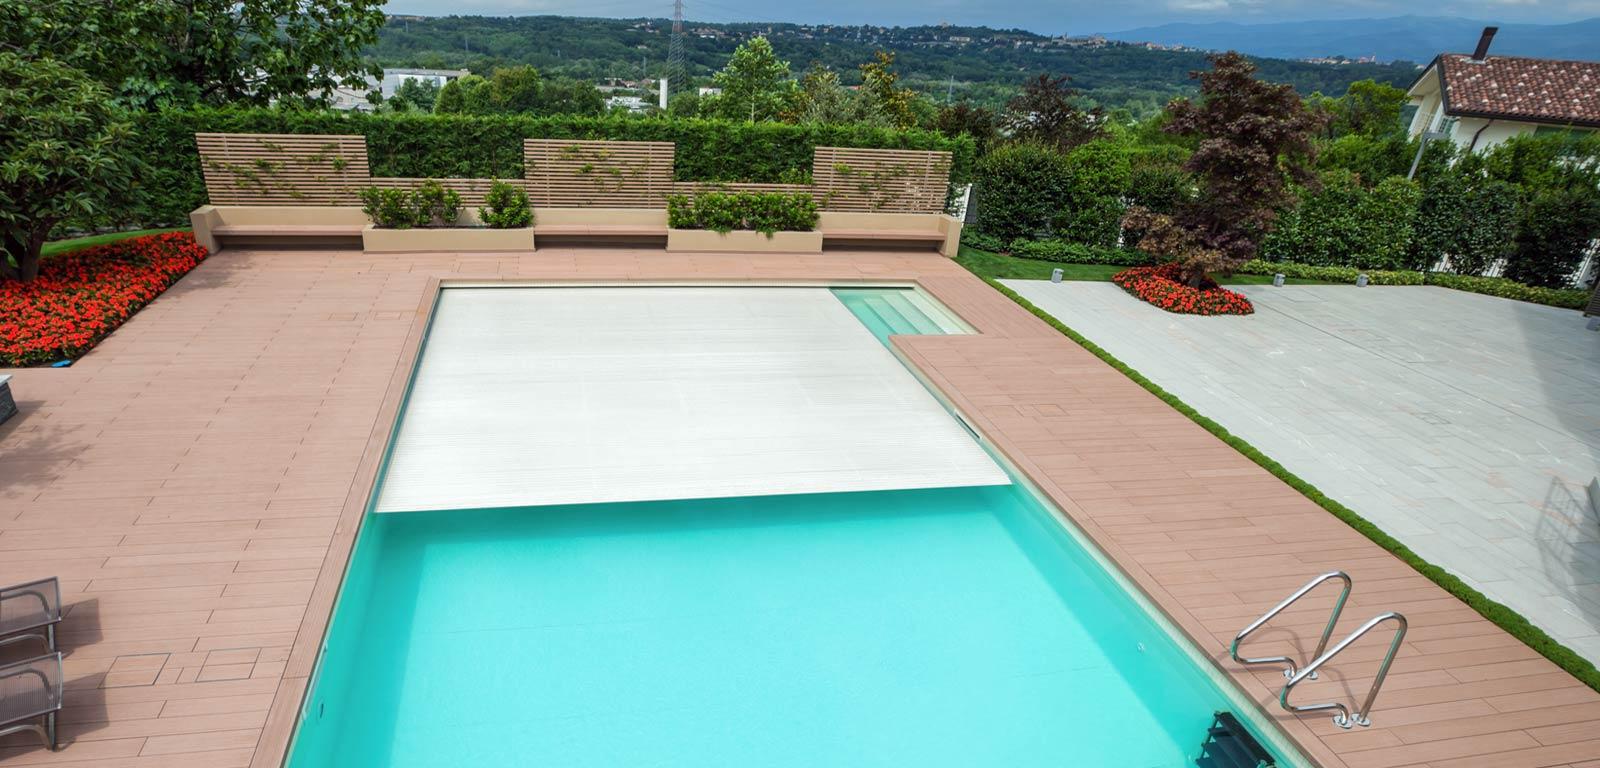 Coperture per piscine accessori piscine castiglione for Castiglione piscine